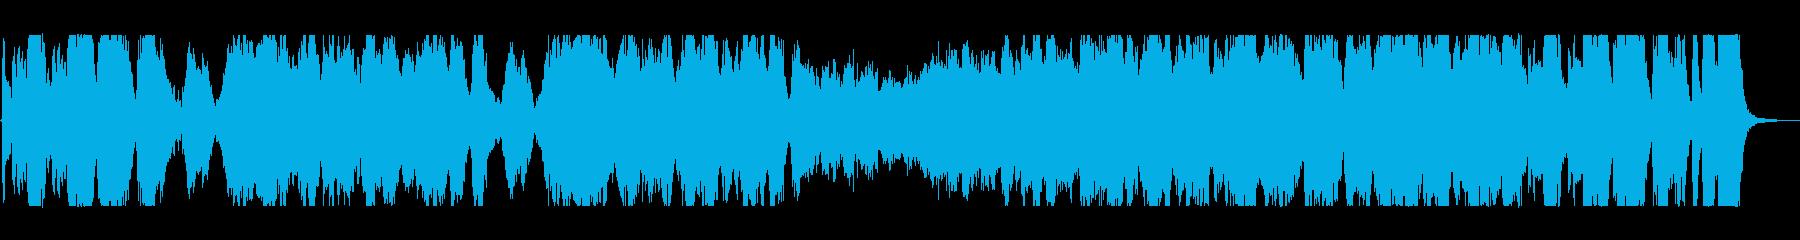 迫力と盛大な管弦楽器シンセサウンドの再生済みの波形